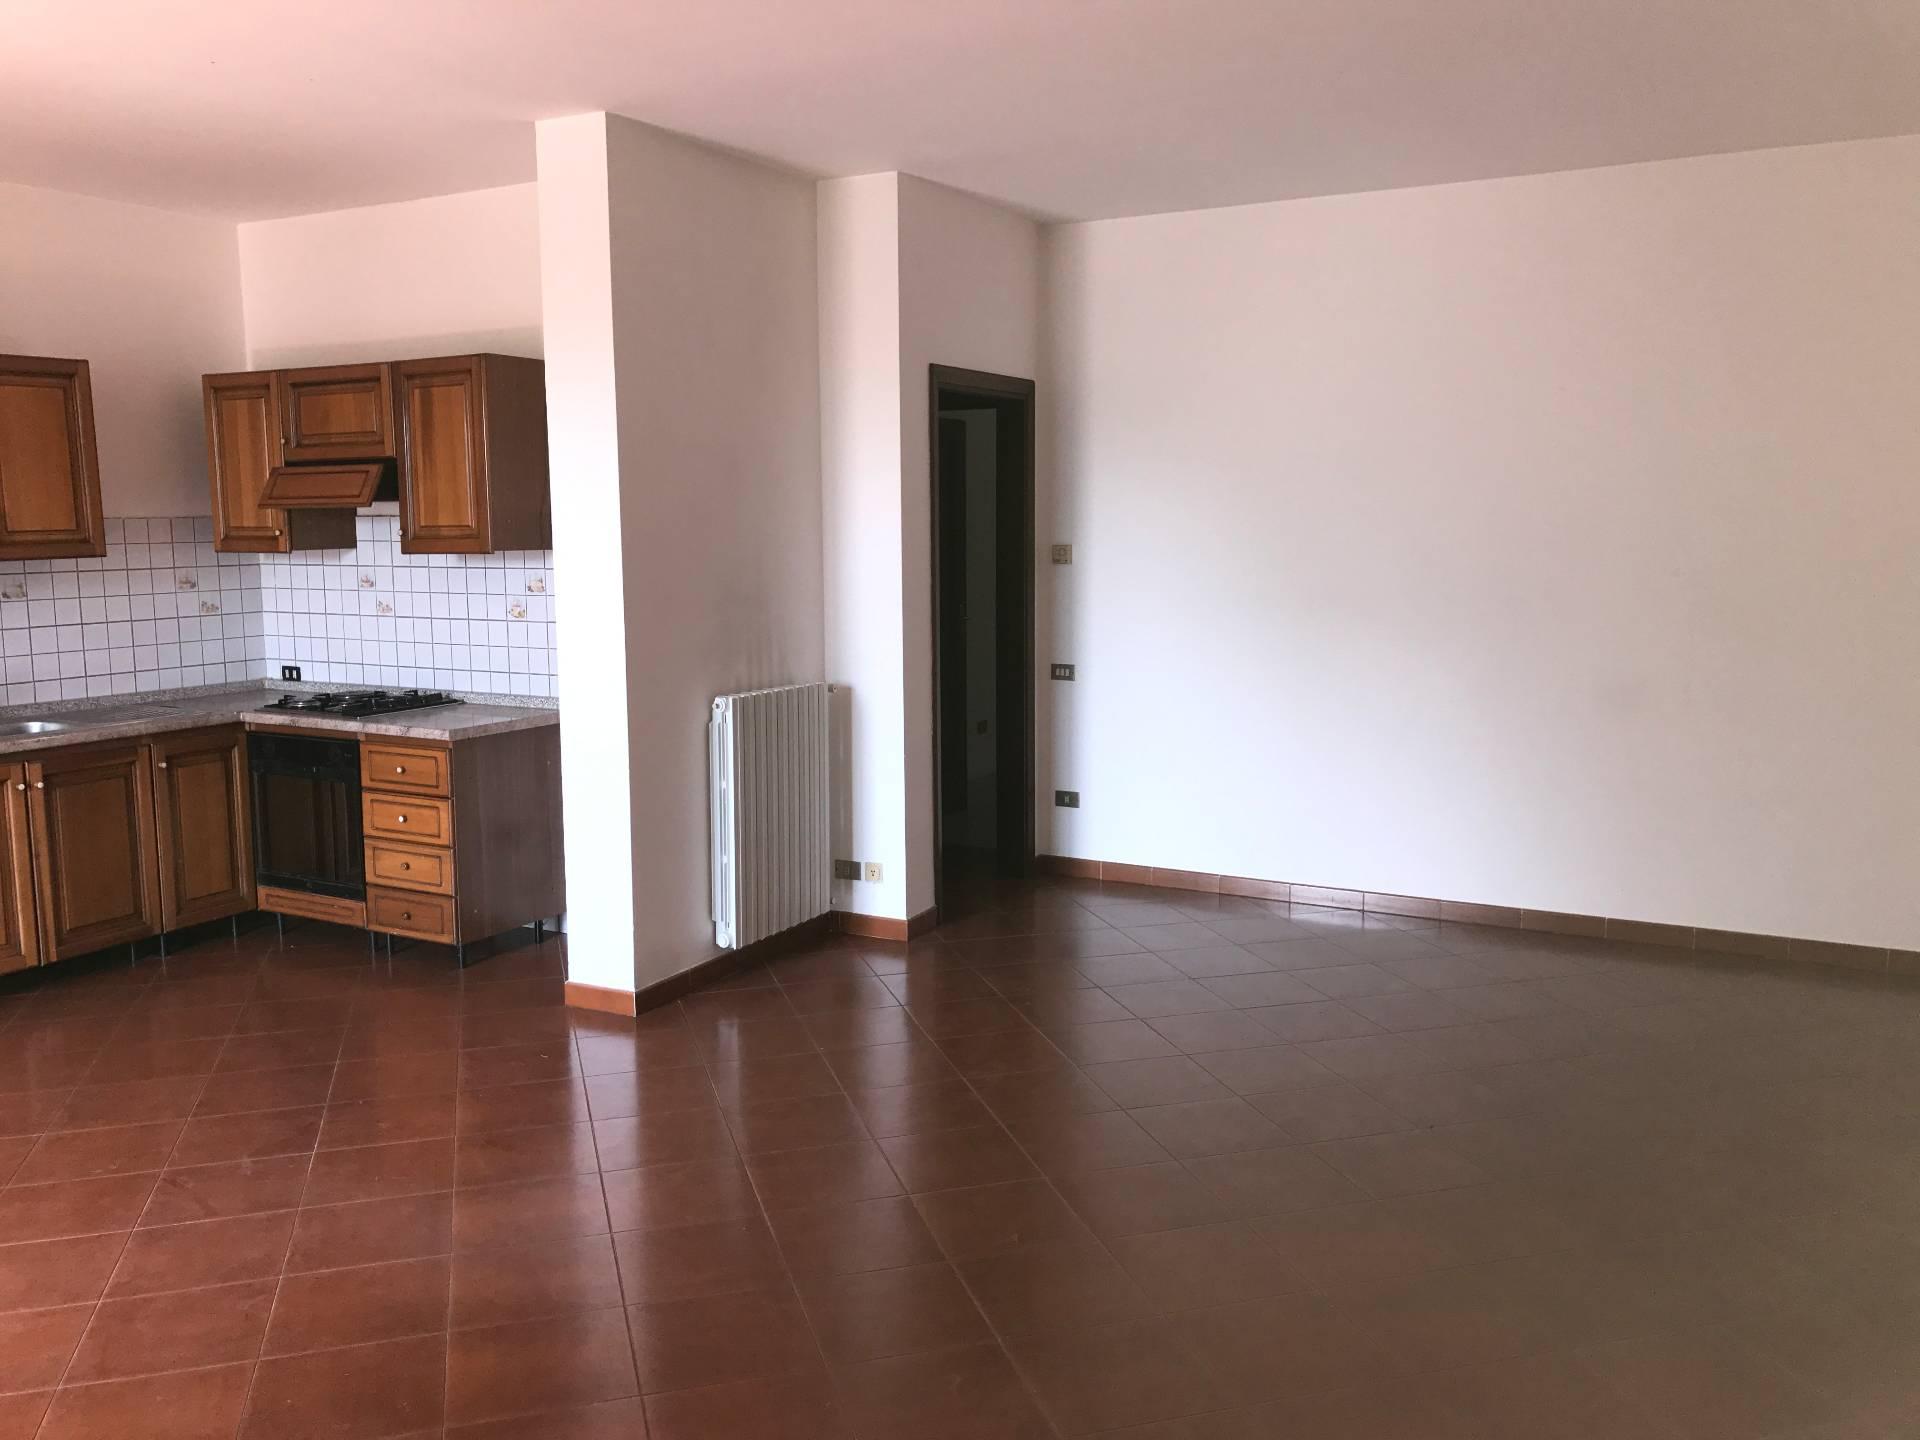 Appartamento in affitto a Altopascio, 3 locali, zona Zona: Spianate, prezzo € 550   CambioCasa.it